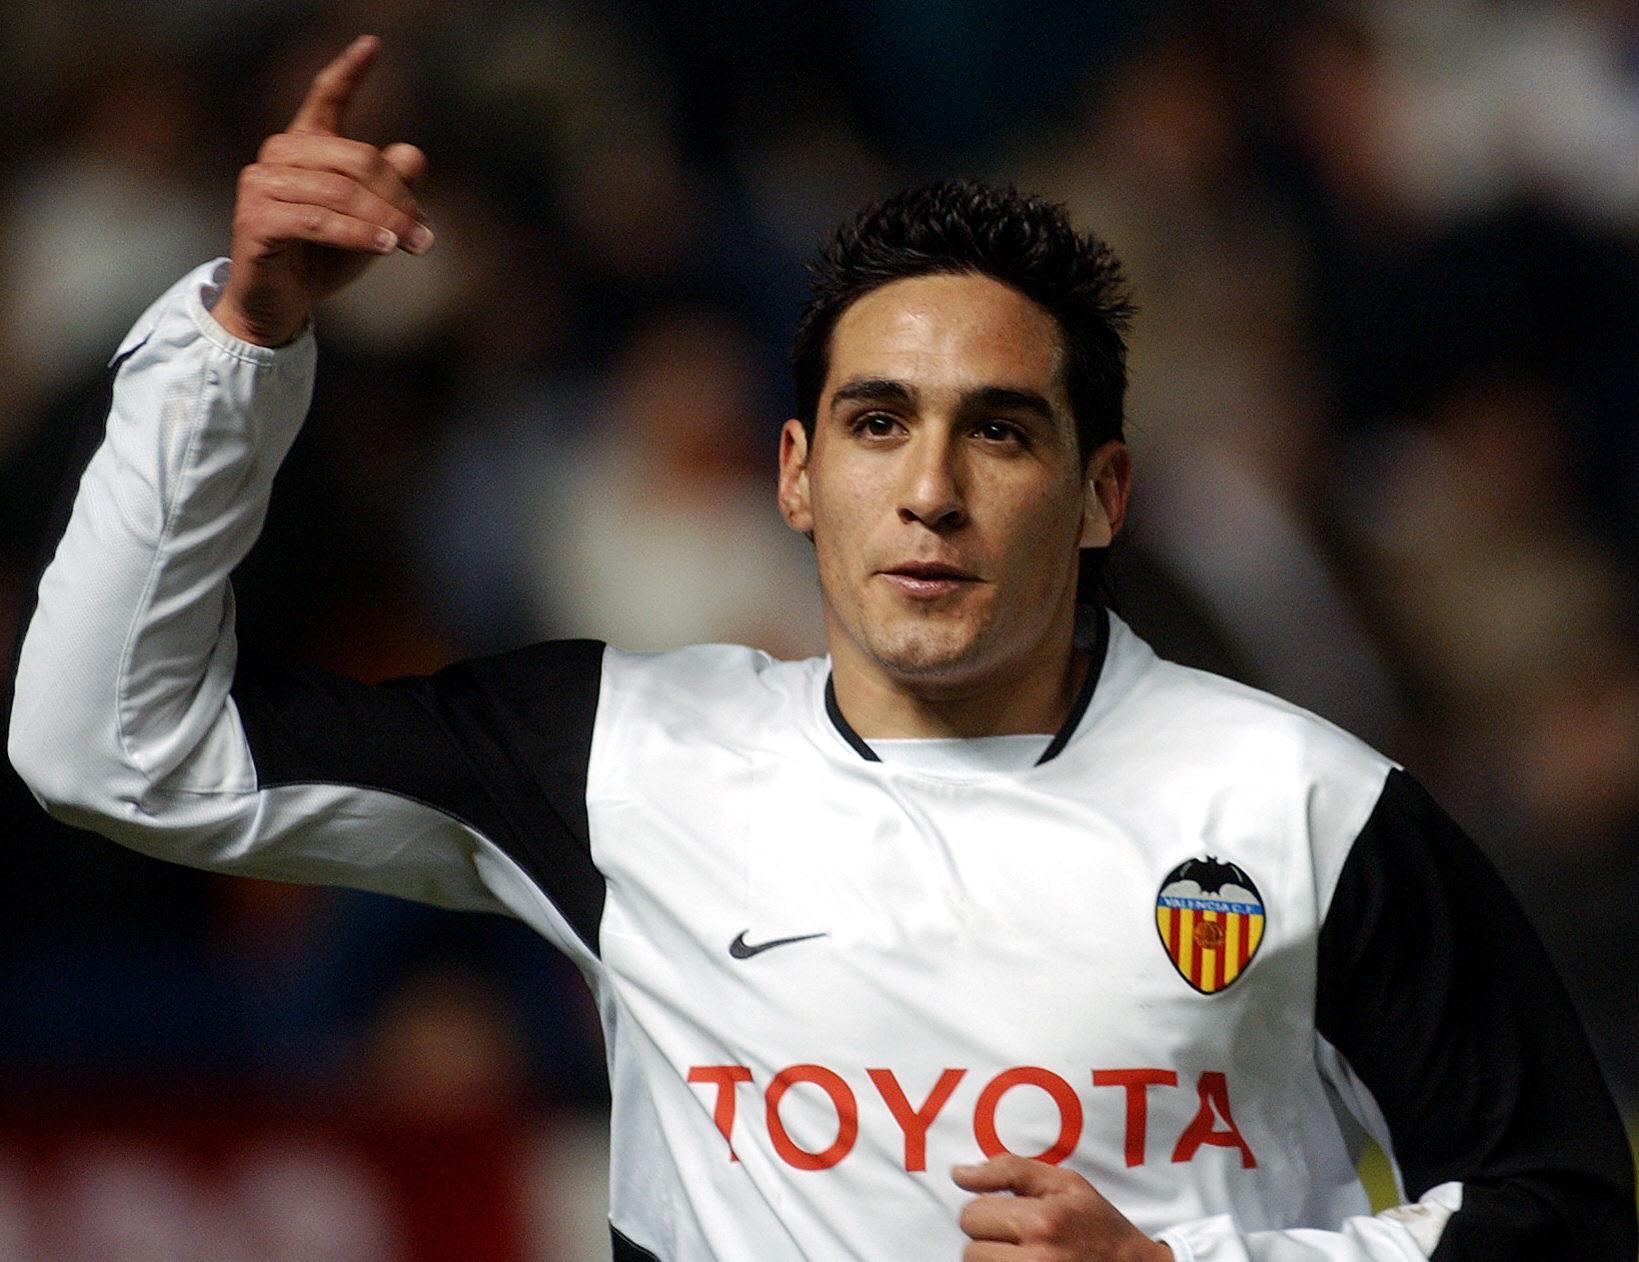 COPA DEL REY:OSASUNA-VALENCIA - DEP - SPORTS,SOCCER - PAM01 PAMPLONA 14-01-04.- El jugador valencianista Vicente celebra el primer gol coonseguido por su equipo, durante el partido de vuelta de los octavos de final de la Copa del Rey que ha enfrentado esta noche en el estadio de El Sadar a Osasuna y Valencia. EFE/VILLAR LOPEZ. - PAMPLONA - NAVARRA - ESPAÑA - VILLAR LOPEZ - gf - SPORTS,SOCCER.- VICENTE.- JUGADOR DEL VALENCIA.- EXTREMO IZQUIERDO.- GOL.- FUTBOLISTA.- DEPORTISTA